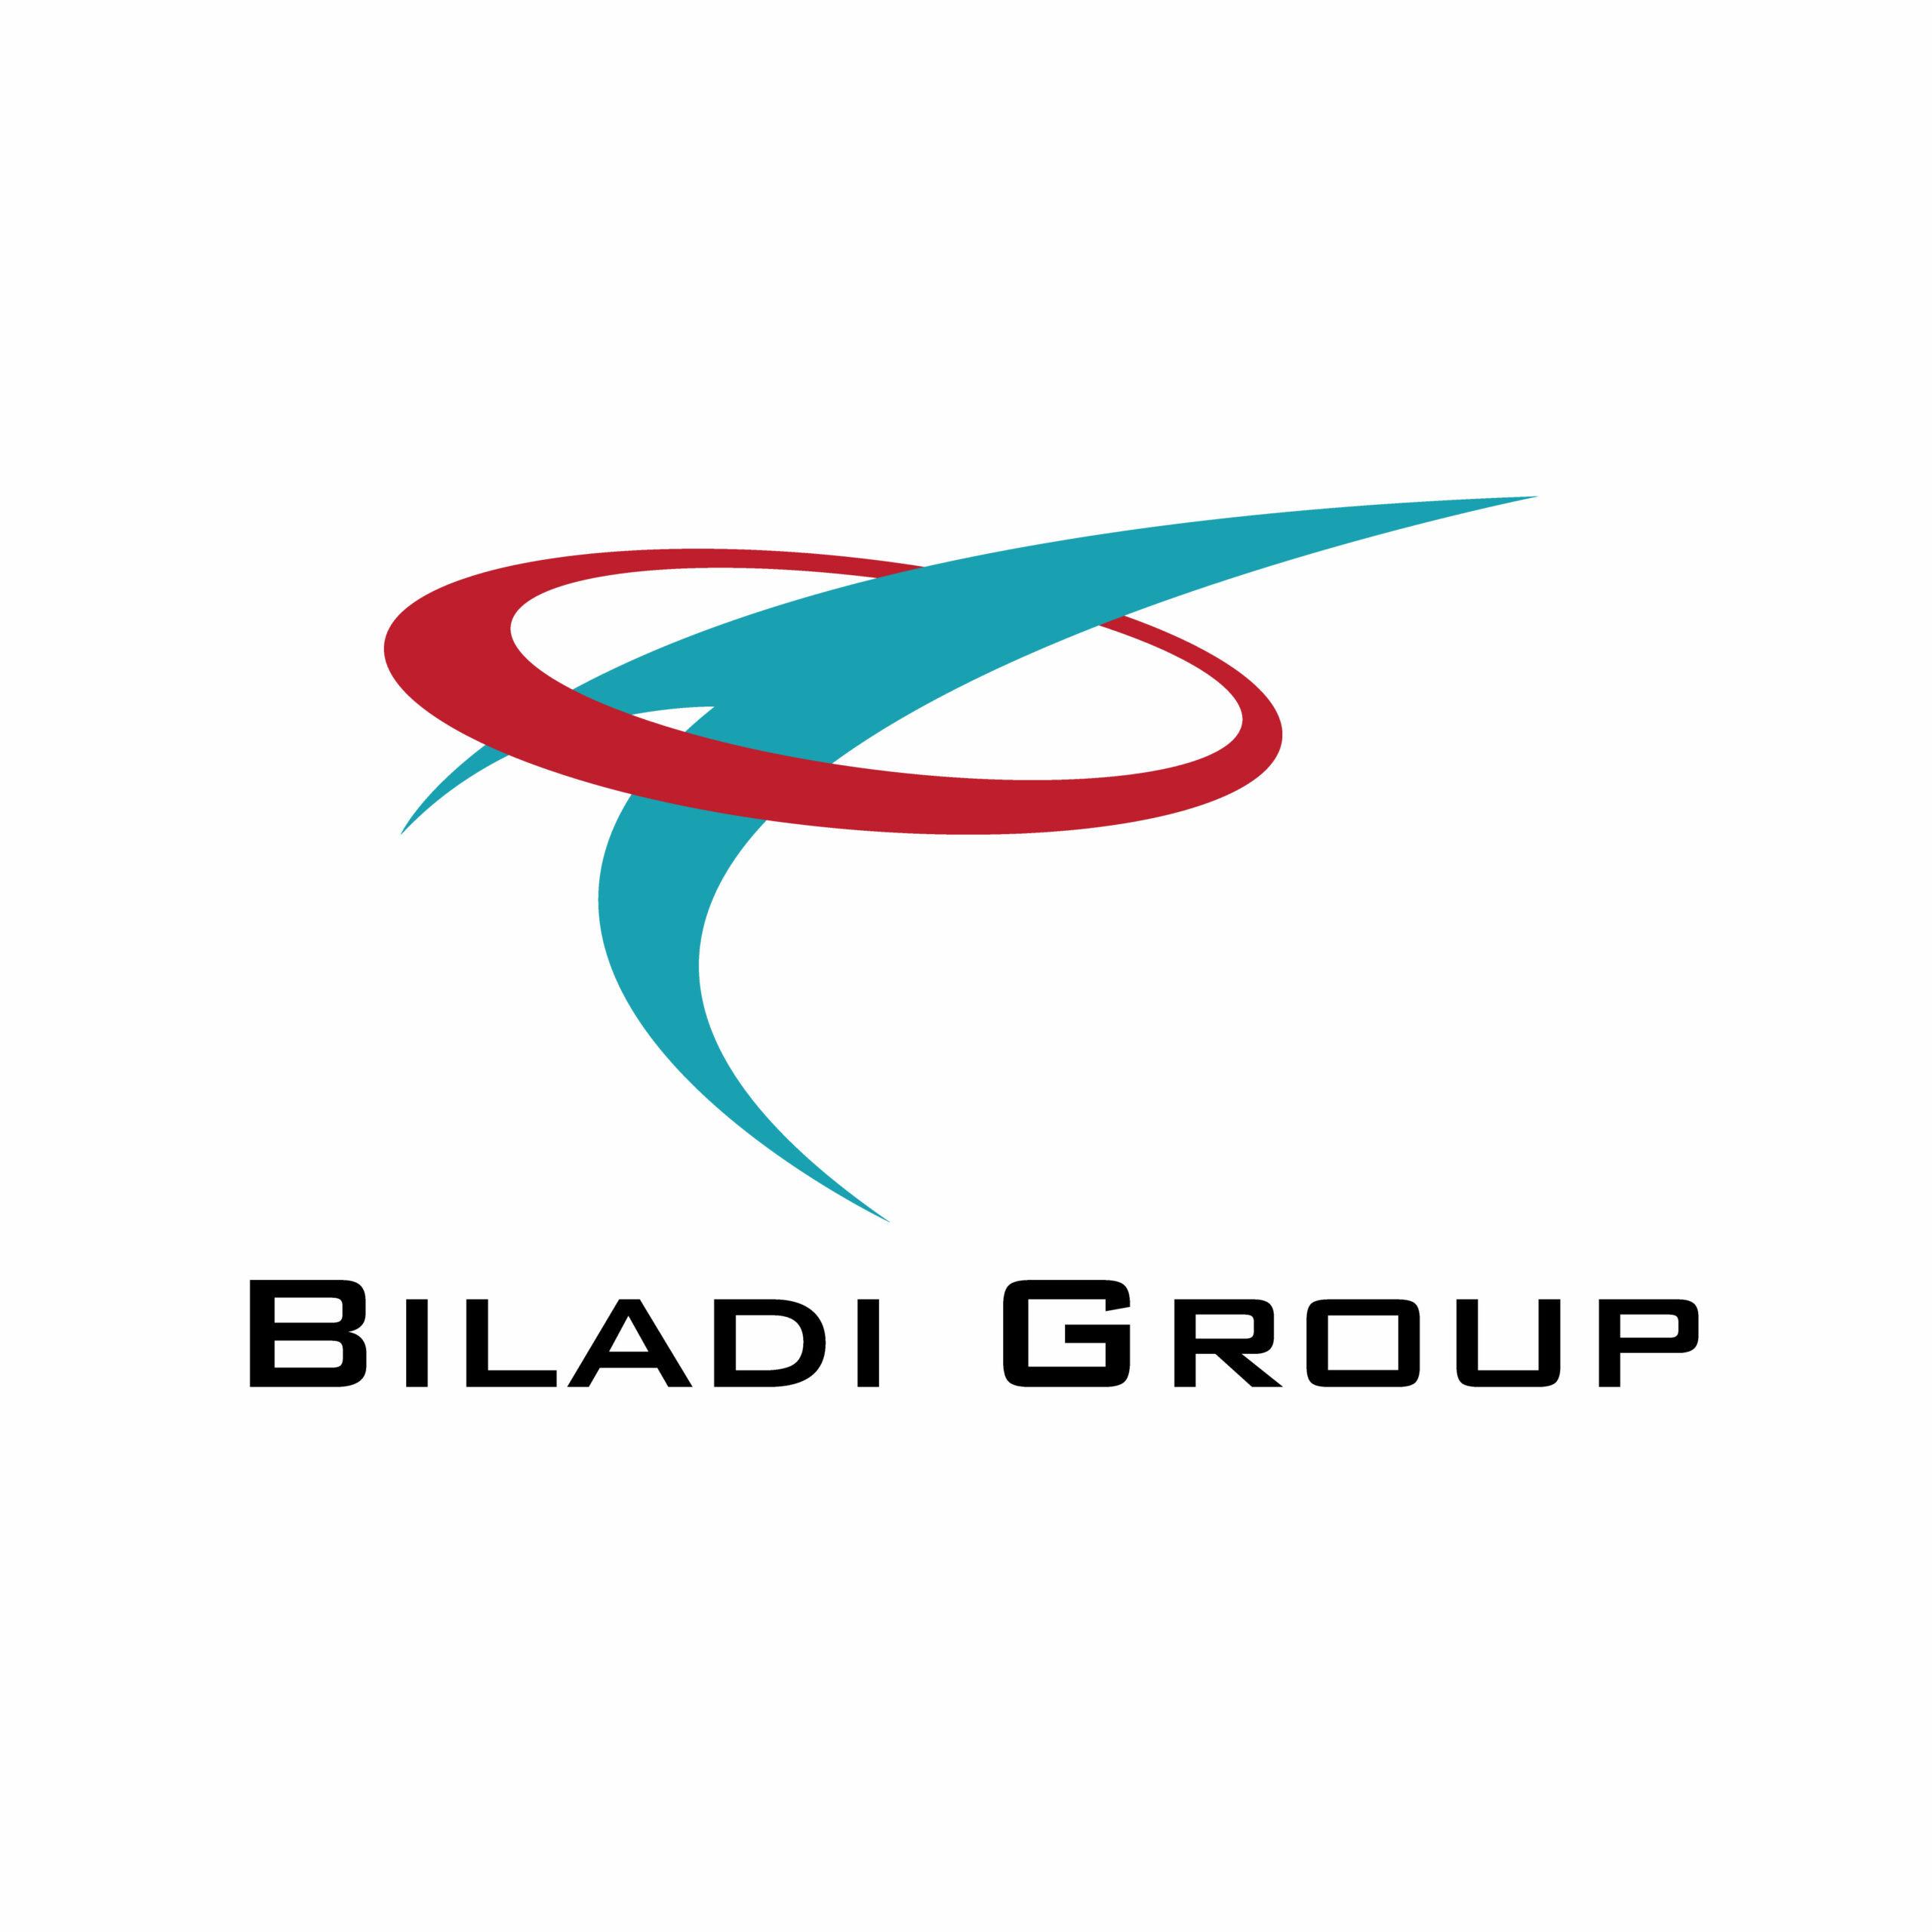 Biladi Group